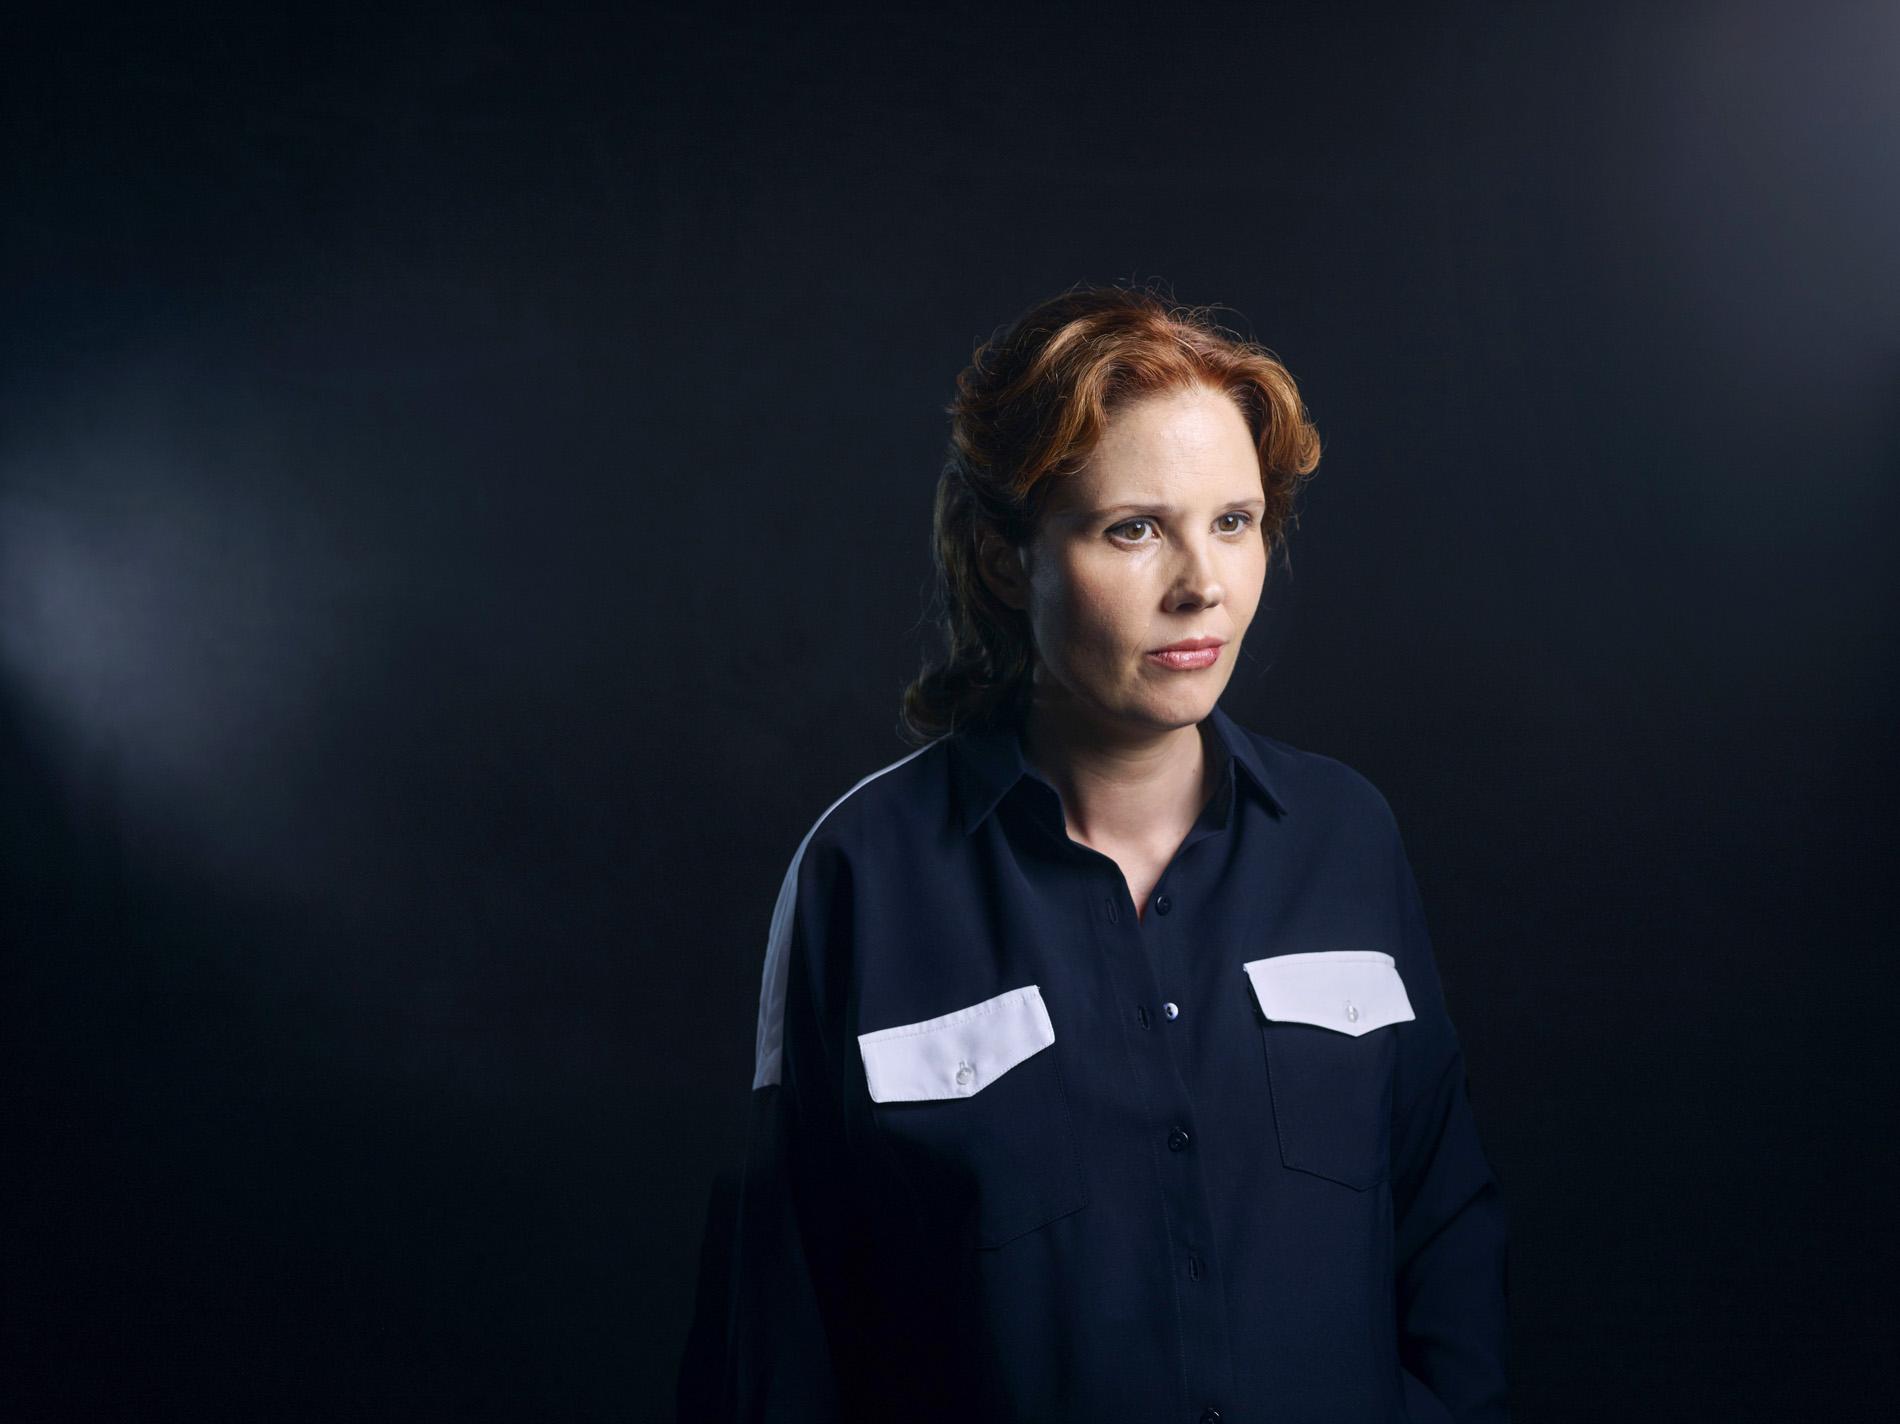 Director Justine Triet